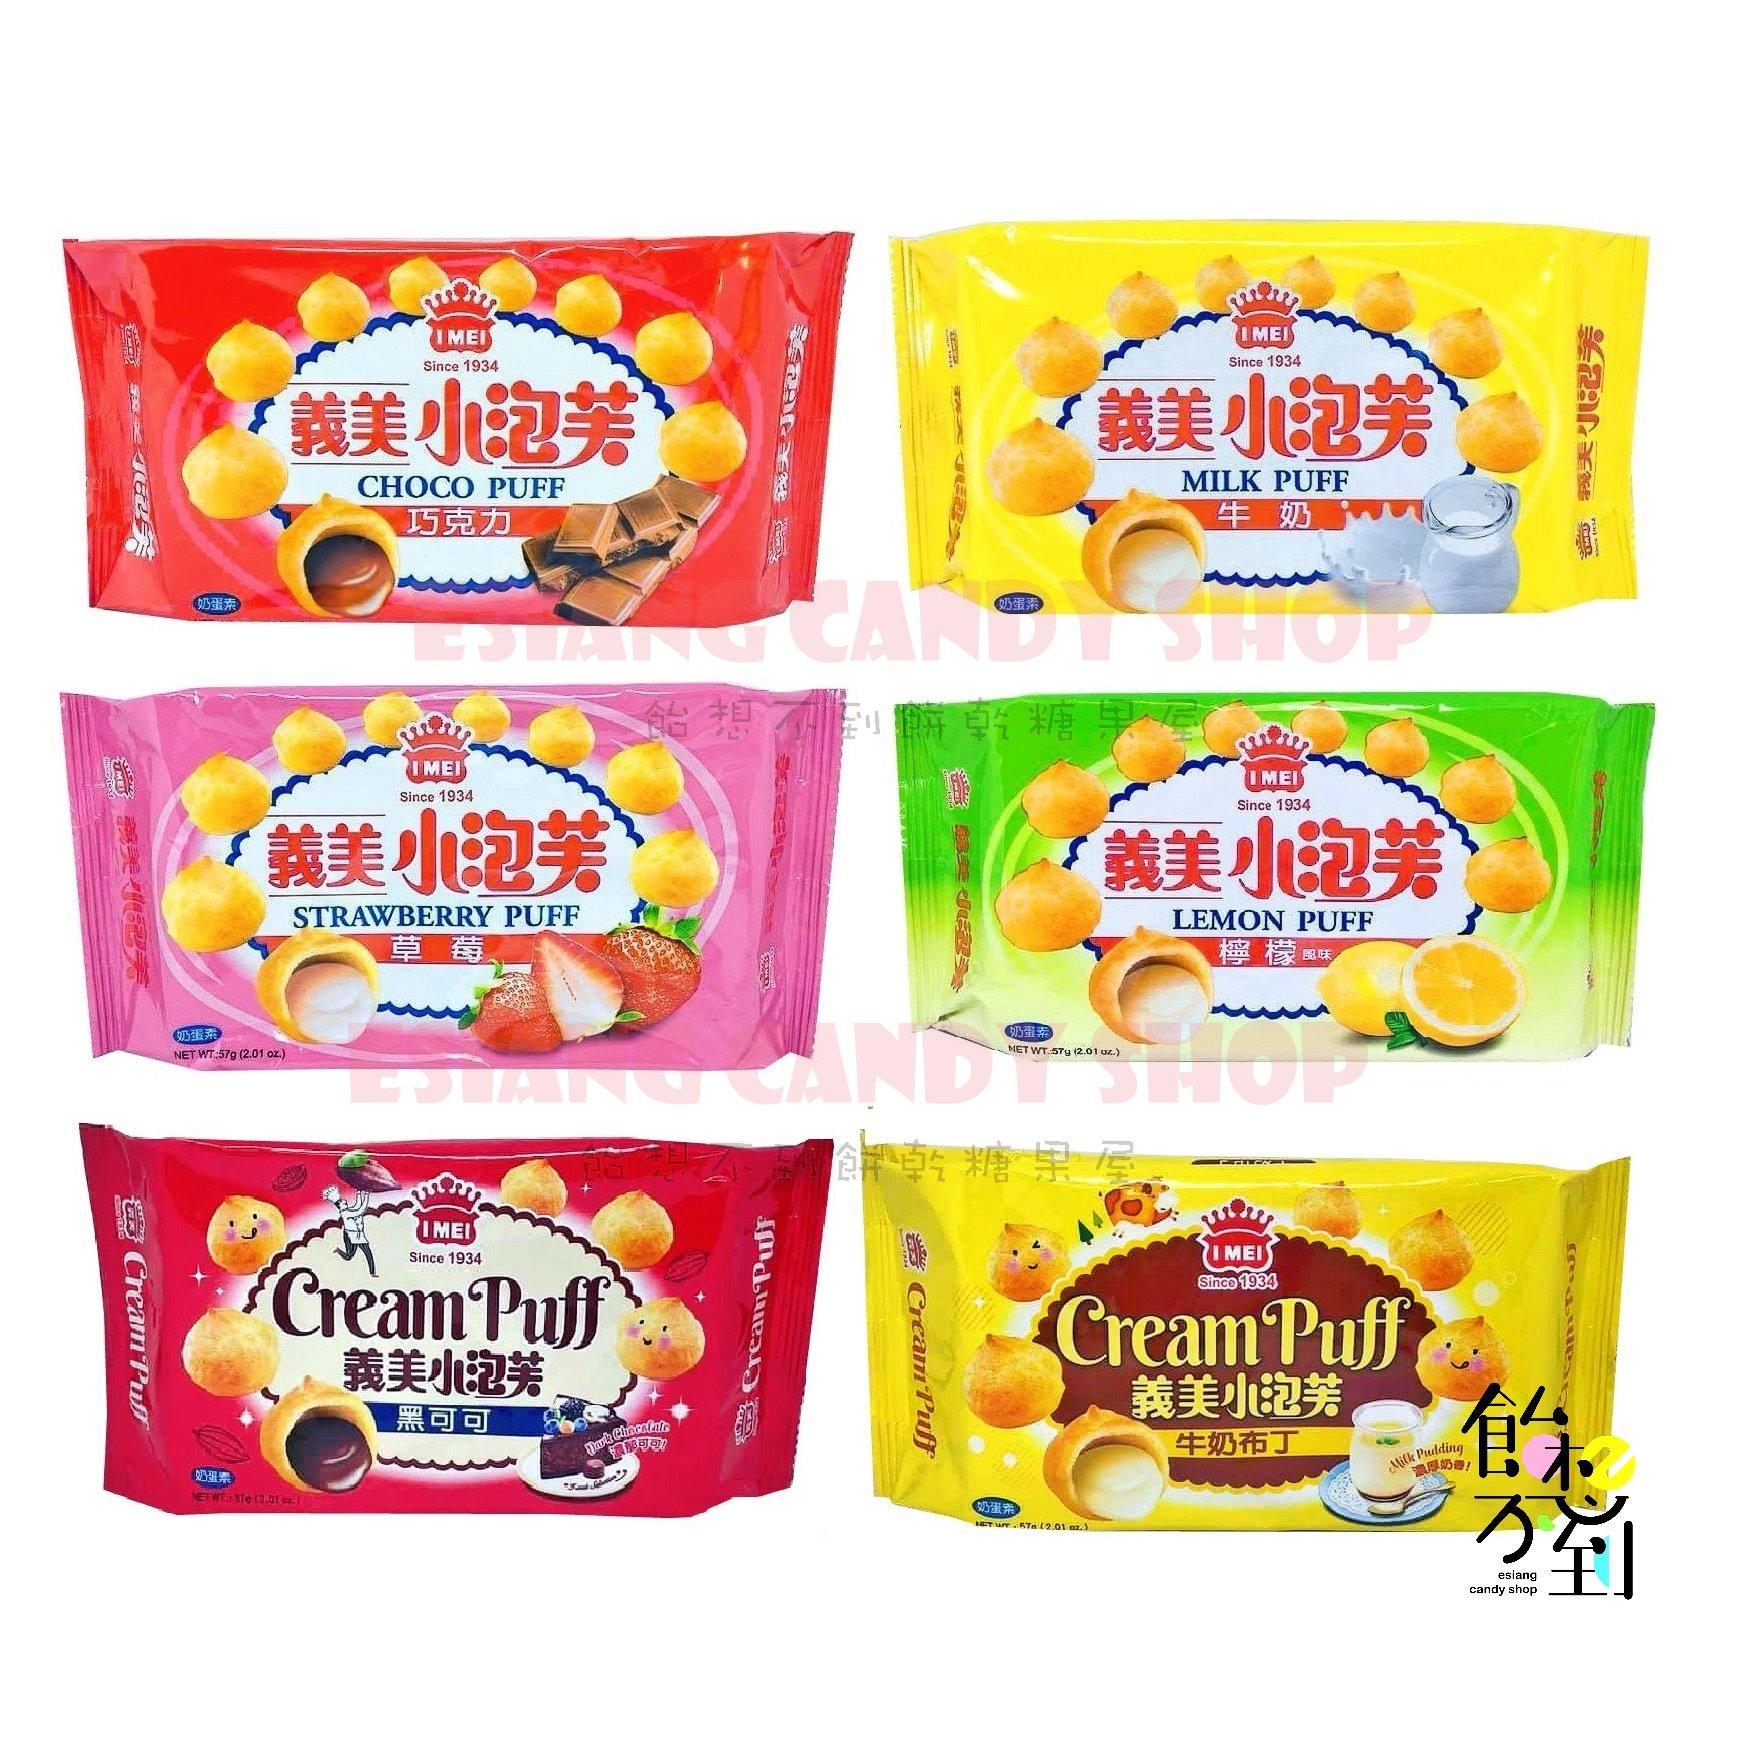 【飴想不到】義美小泡芙巧克力/牛奶/草莓/牛奶布丁/檸檬/黑可可57g/包